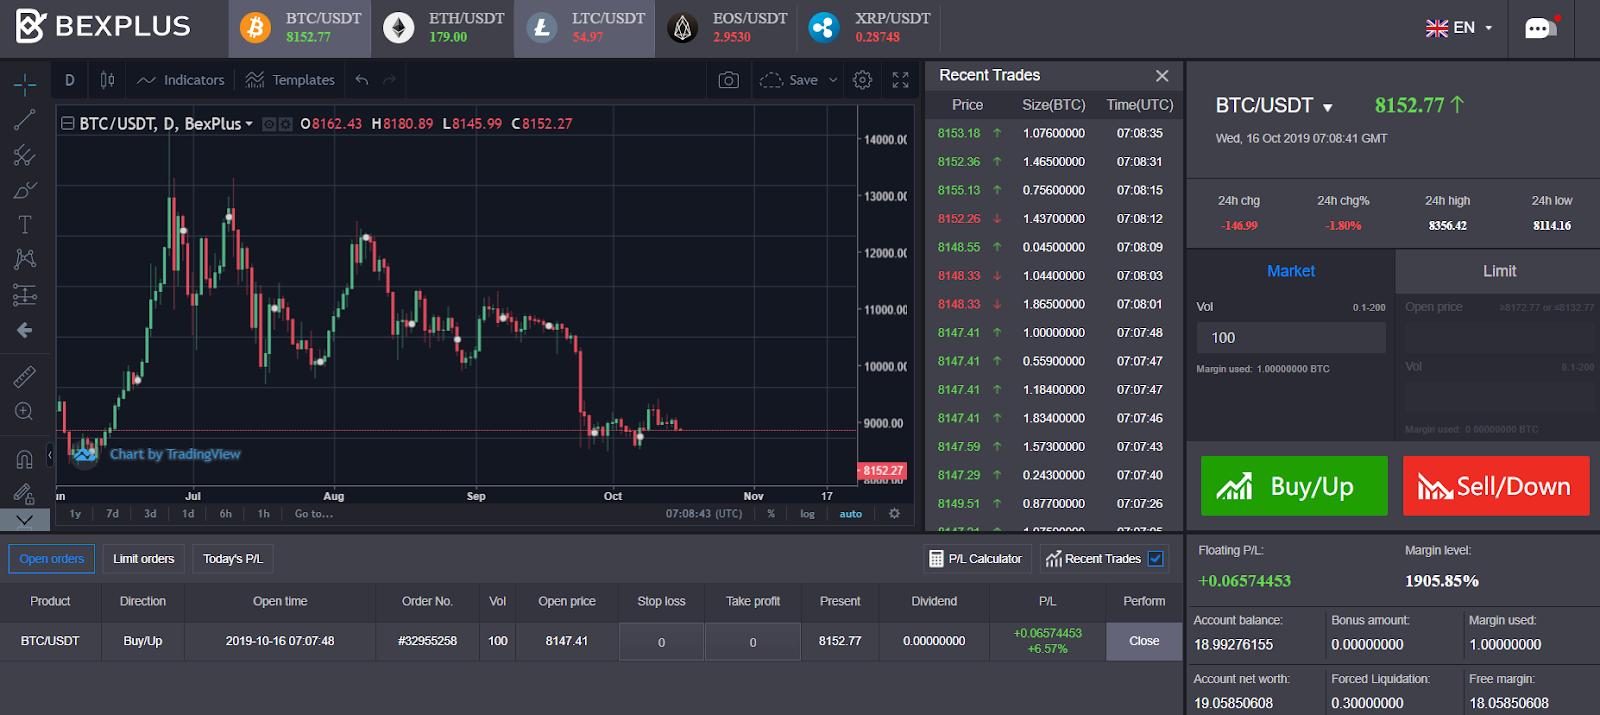 Imagen sobre precios de Bitcoin.